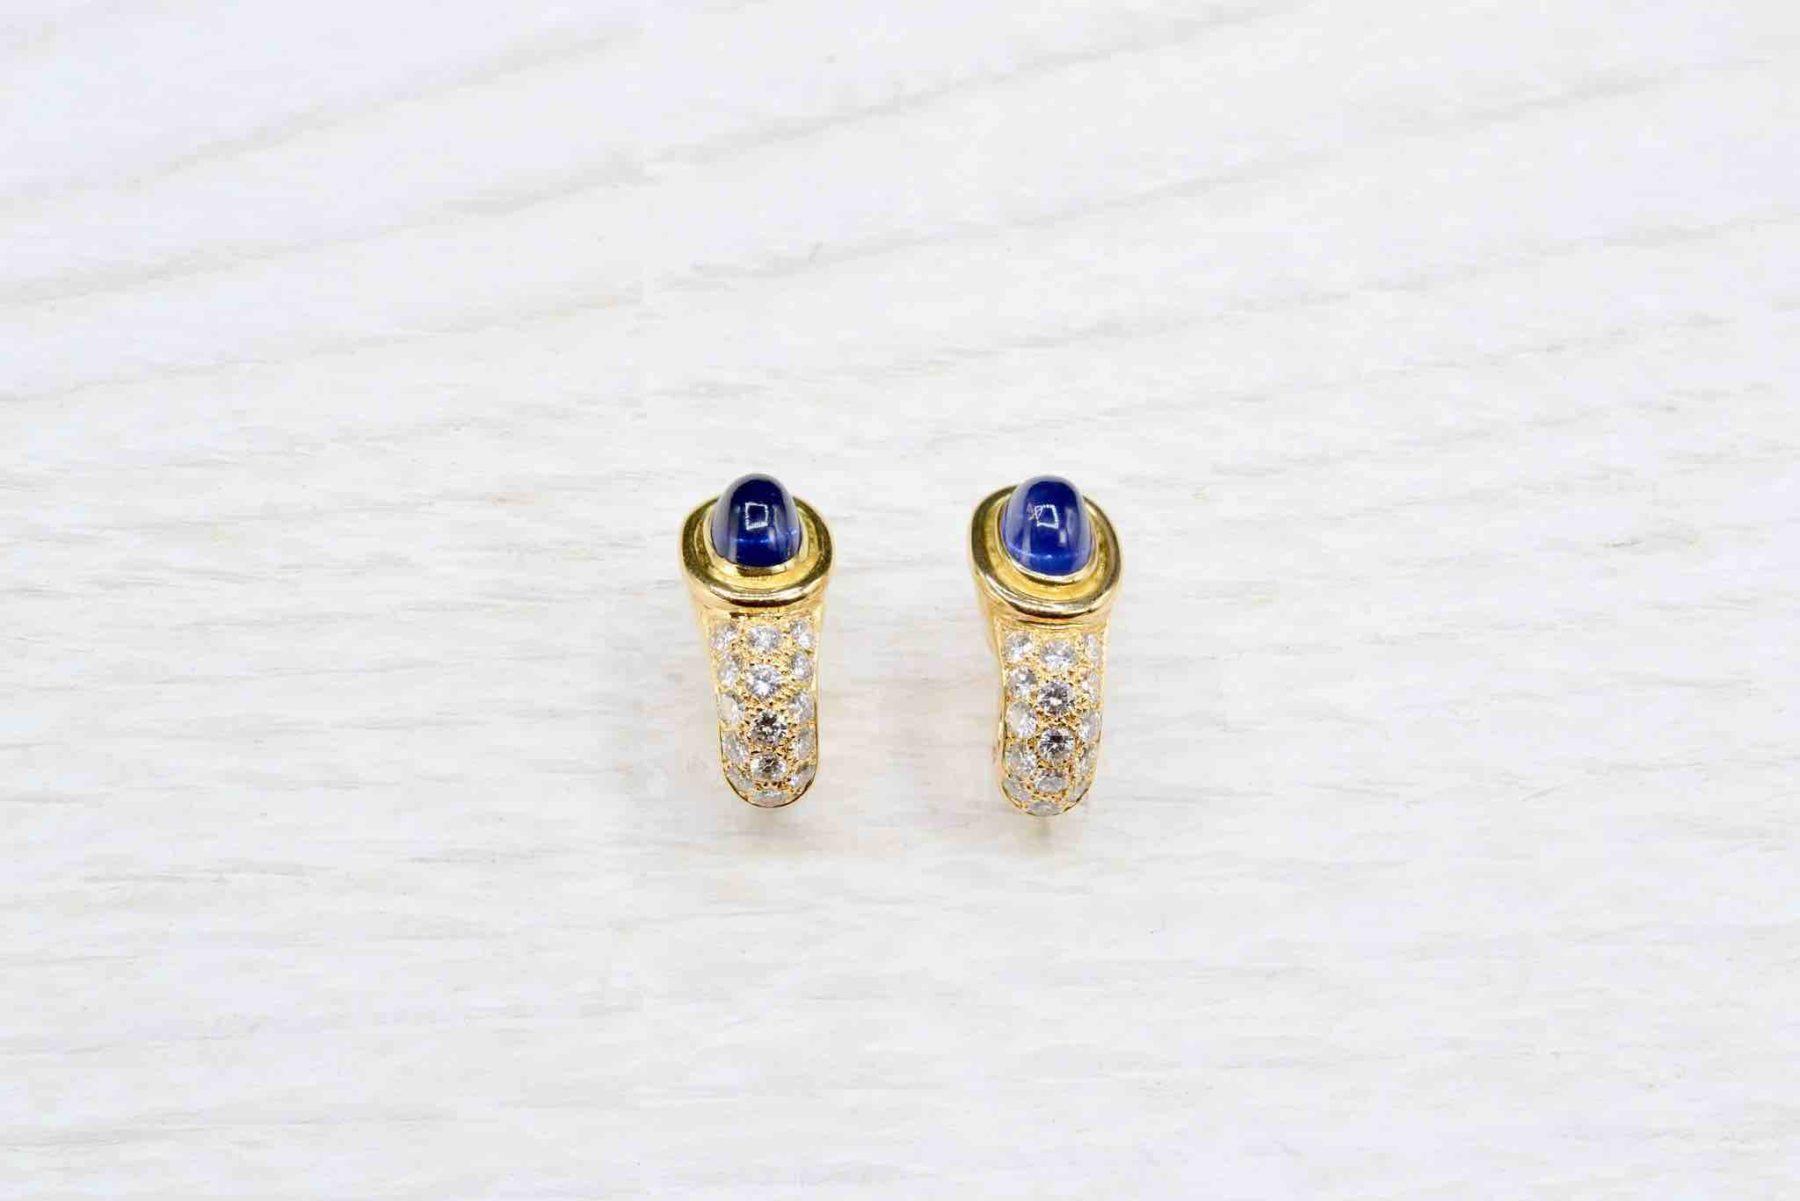 Boucles d'oreilles saphirs et diamants en or 18k